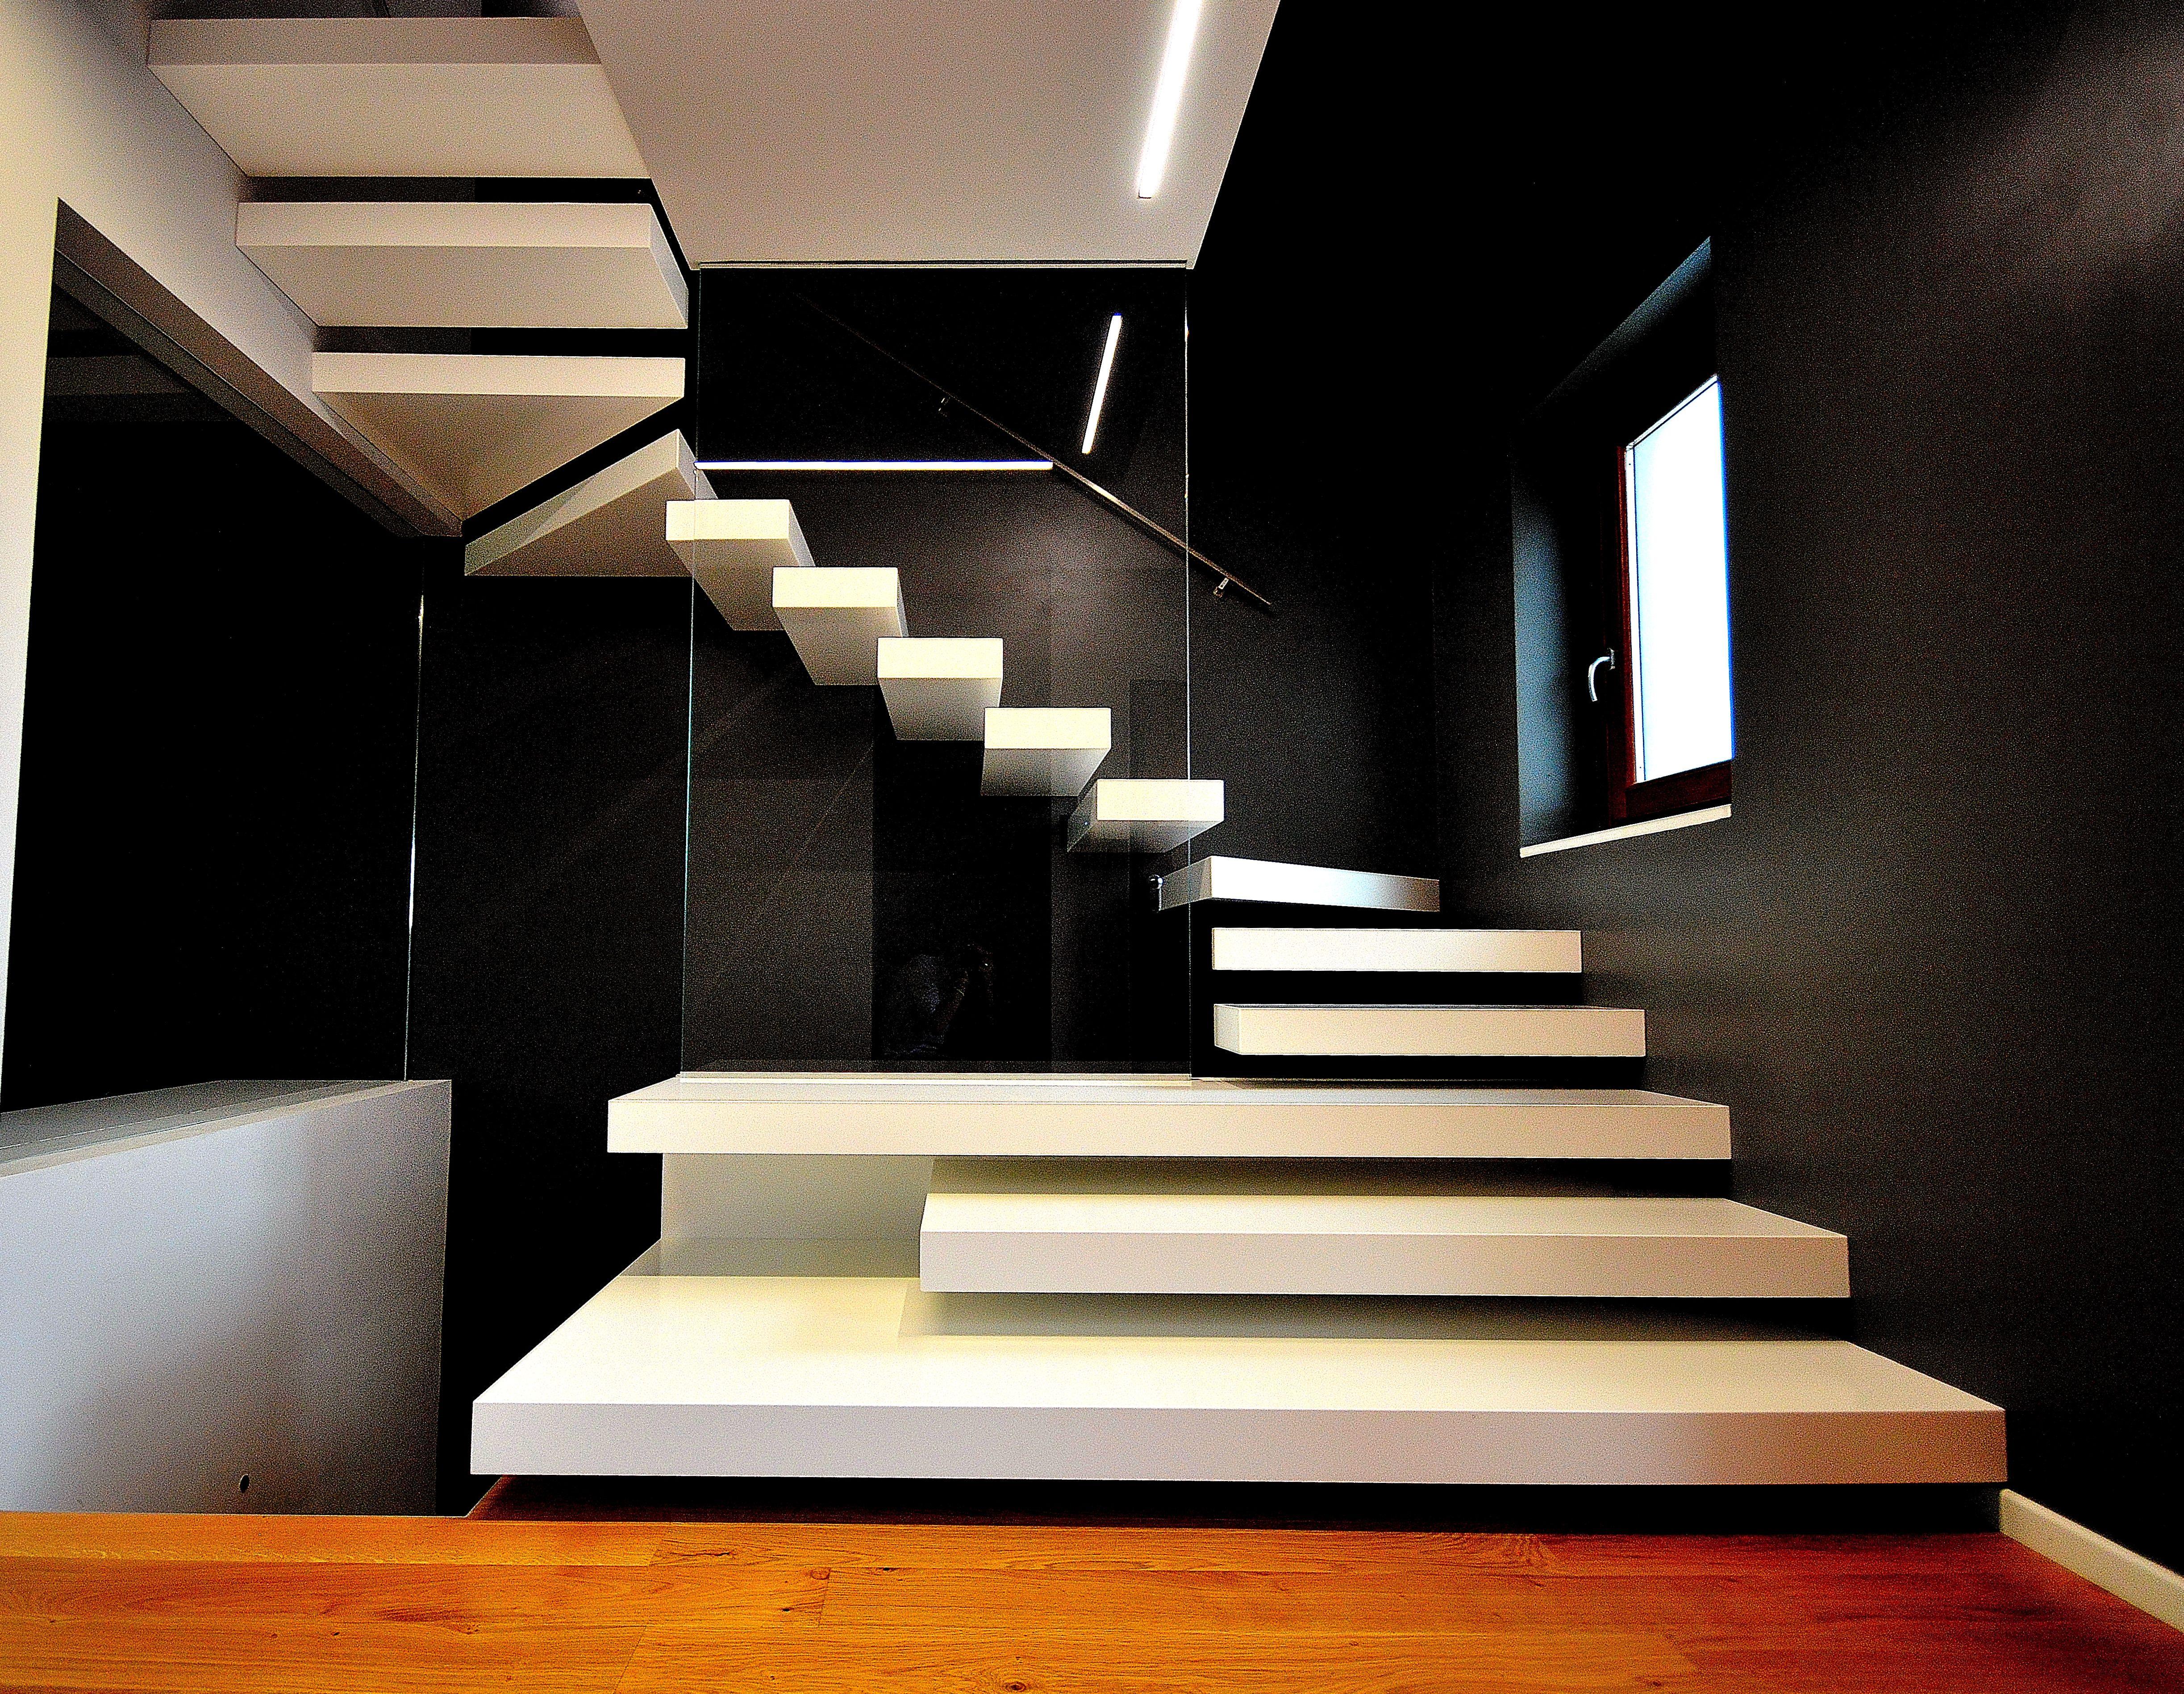 Scala in ferro a sbalzo con parapetto in vetro scale nel 2019 pinterest stairs stair - Scale con parapetto in vetro ...